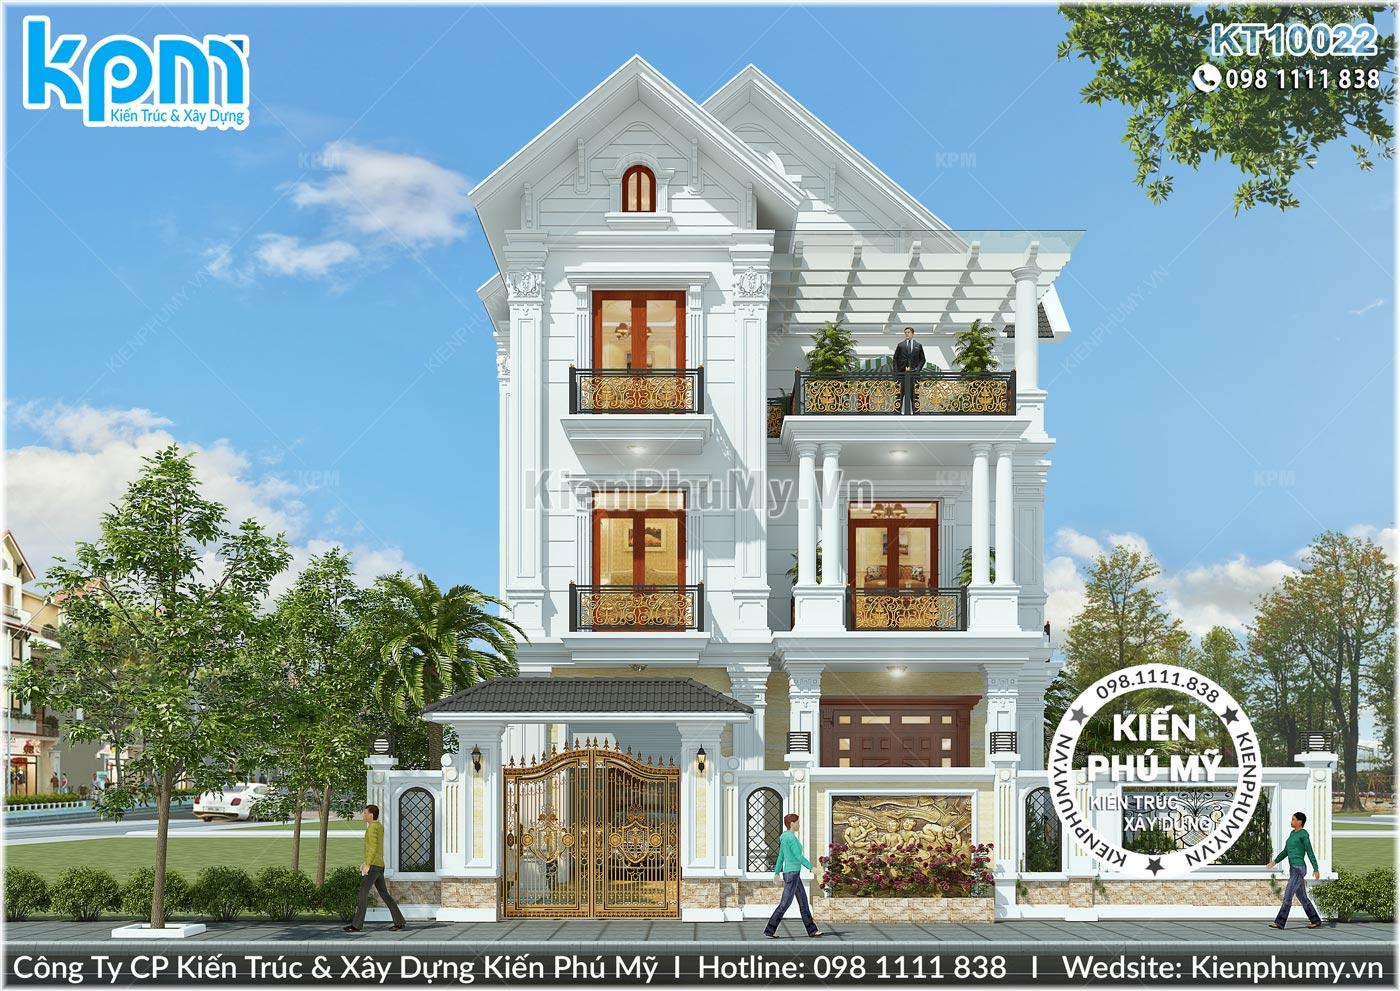 Biệt thự kiểu pháp 3 tầng mặt tiền rộng 10m đẳng cấp tại Ninh Bình